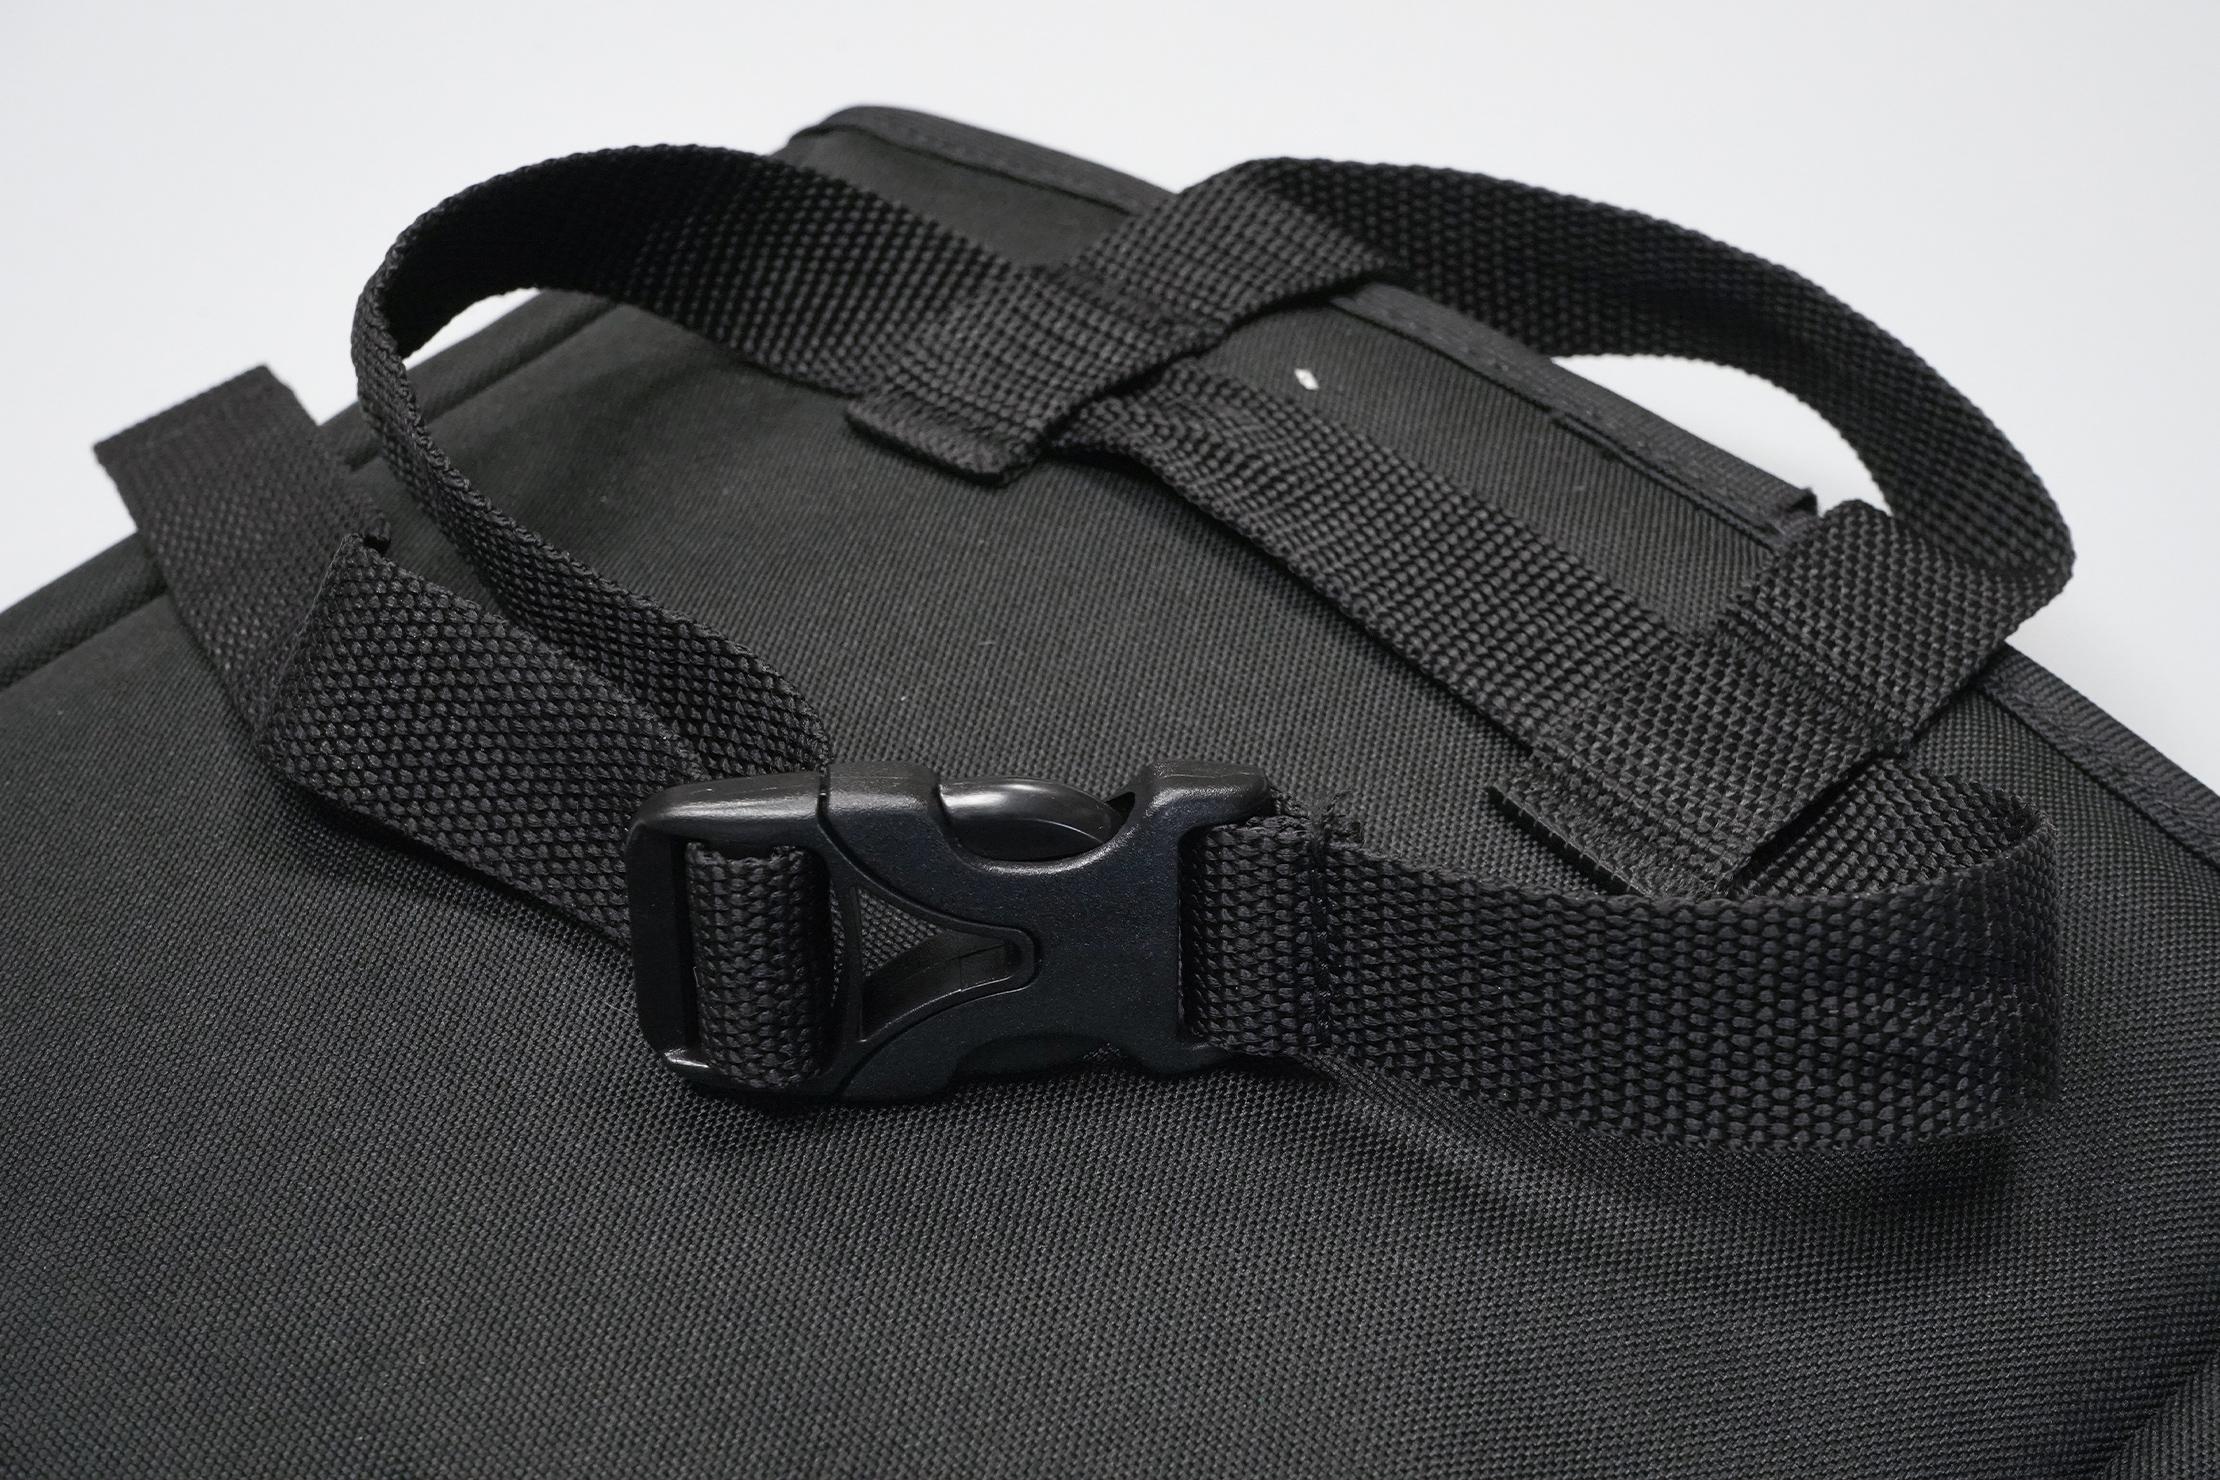 Carhartt Car Organizer straps